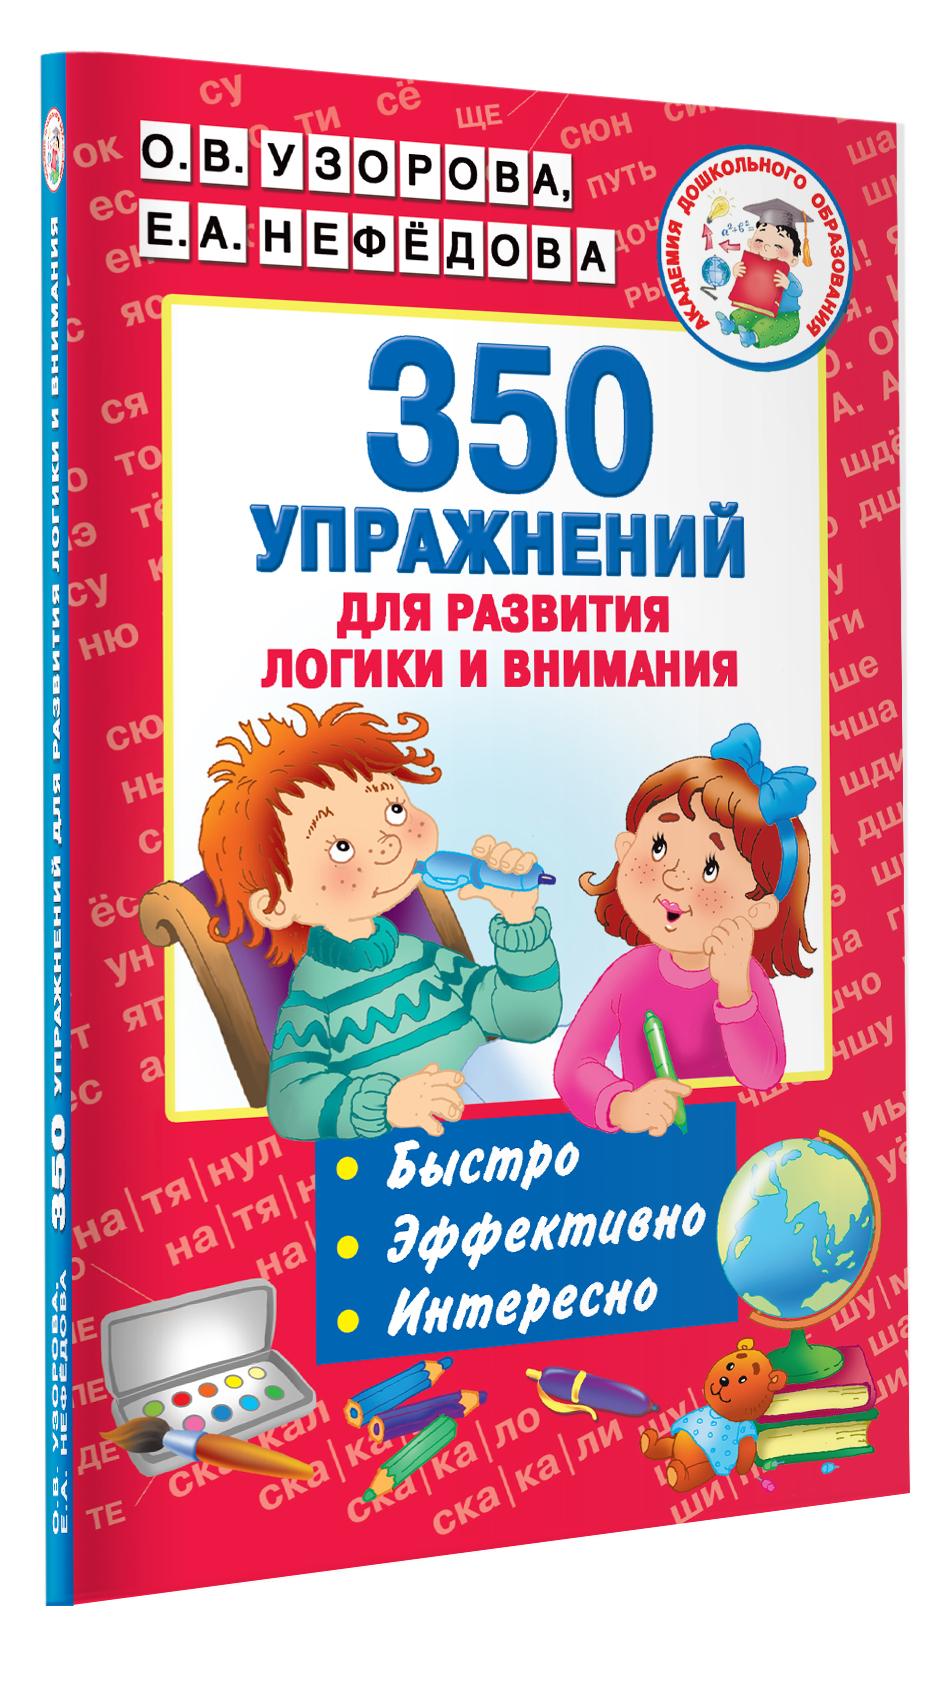 Узорова О.В. 350 упражнений для развития логики и внимания я изобретатель 60 творческих заданий чтобы научиться нестандартно мыслить